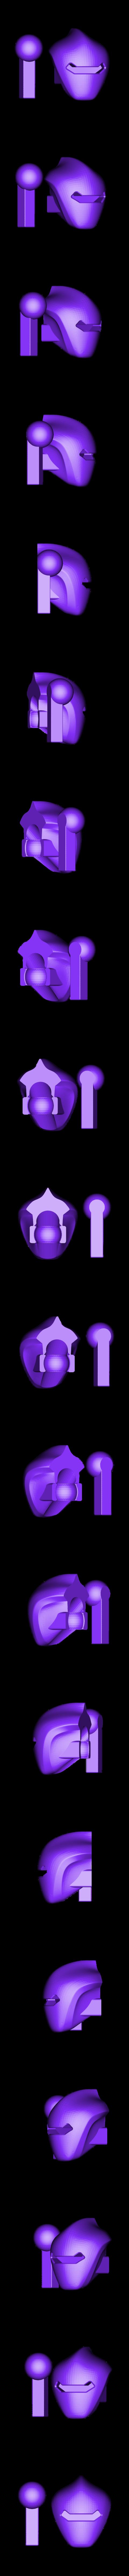 head_and_neck_repaired.stl Télécharger fichier STL gratuit RoboLabs Lunar Elite - Vertex • Design pour impression 3D, Yazhmog